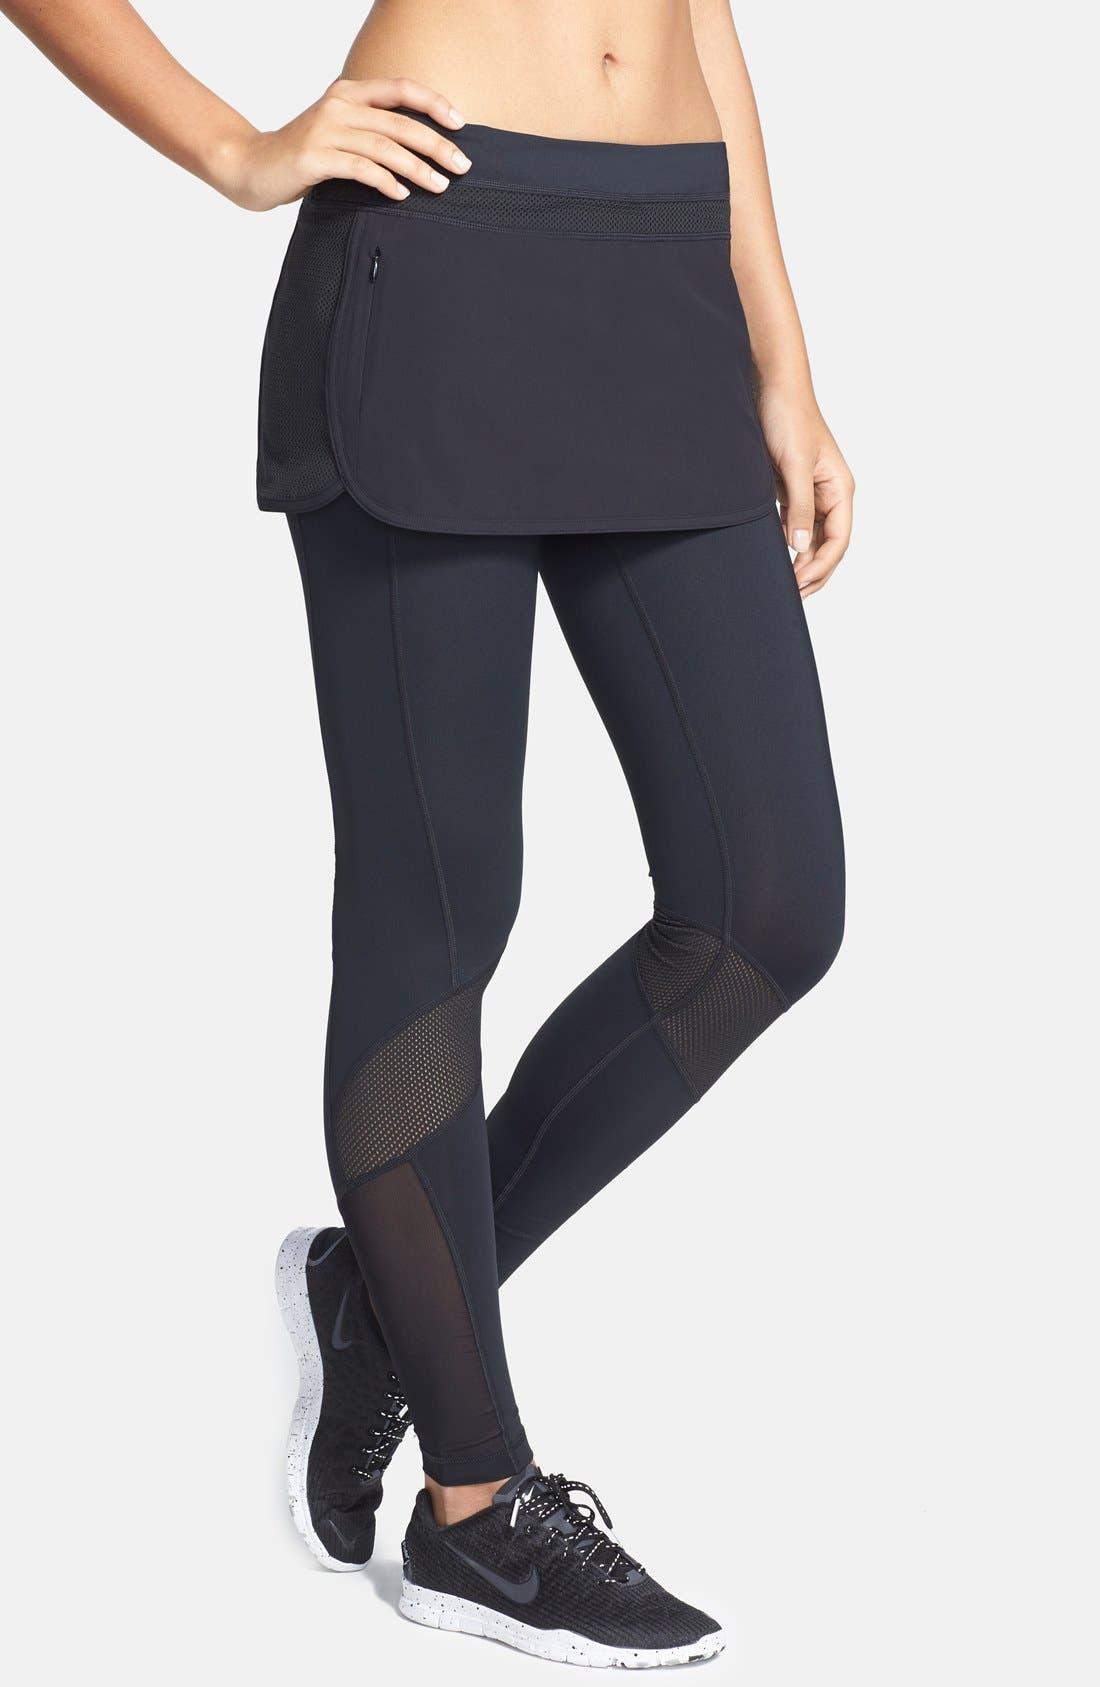 Alternate Image 1 Selected - Zella 'Sidelight' Track Skirt